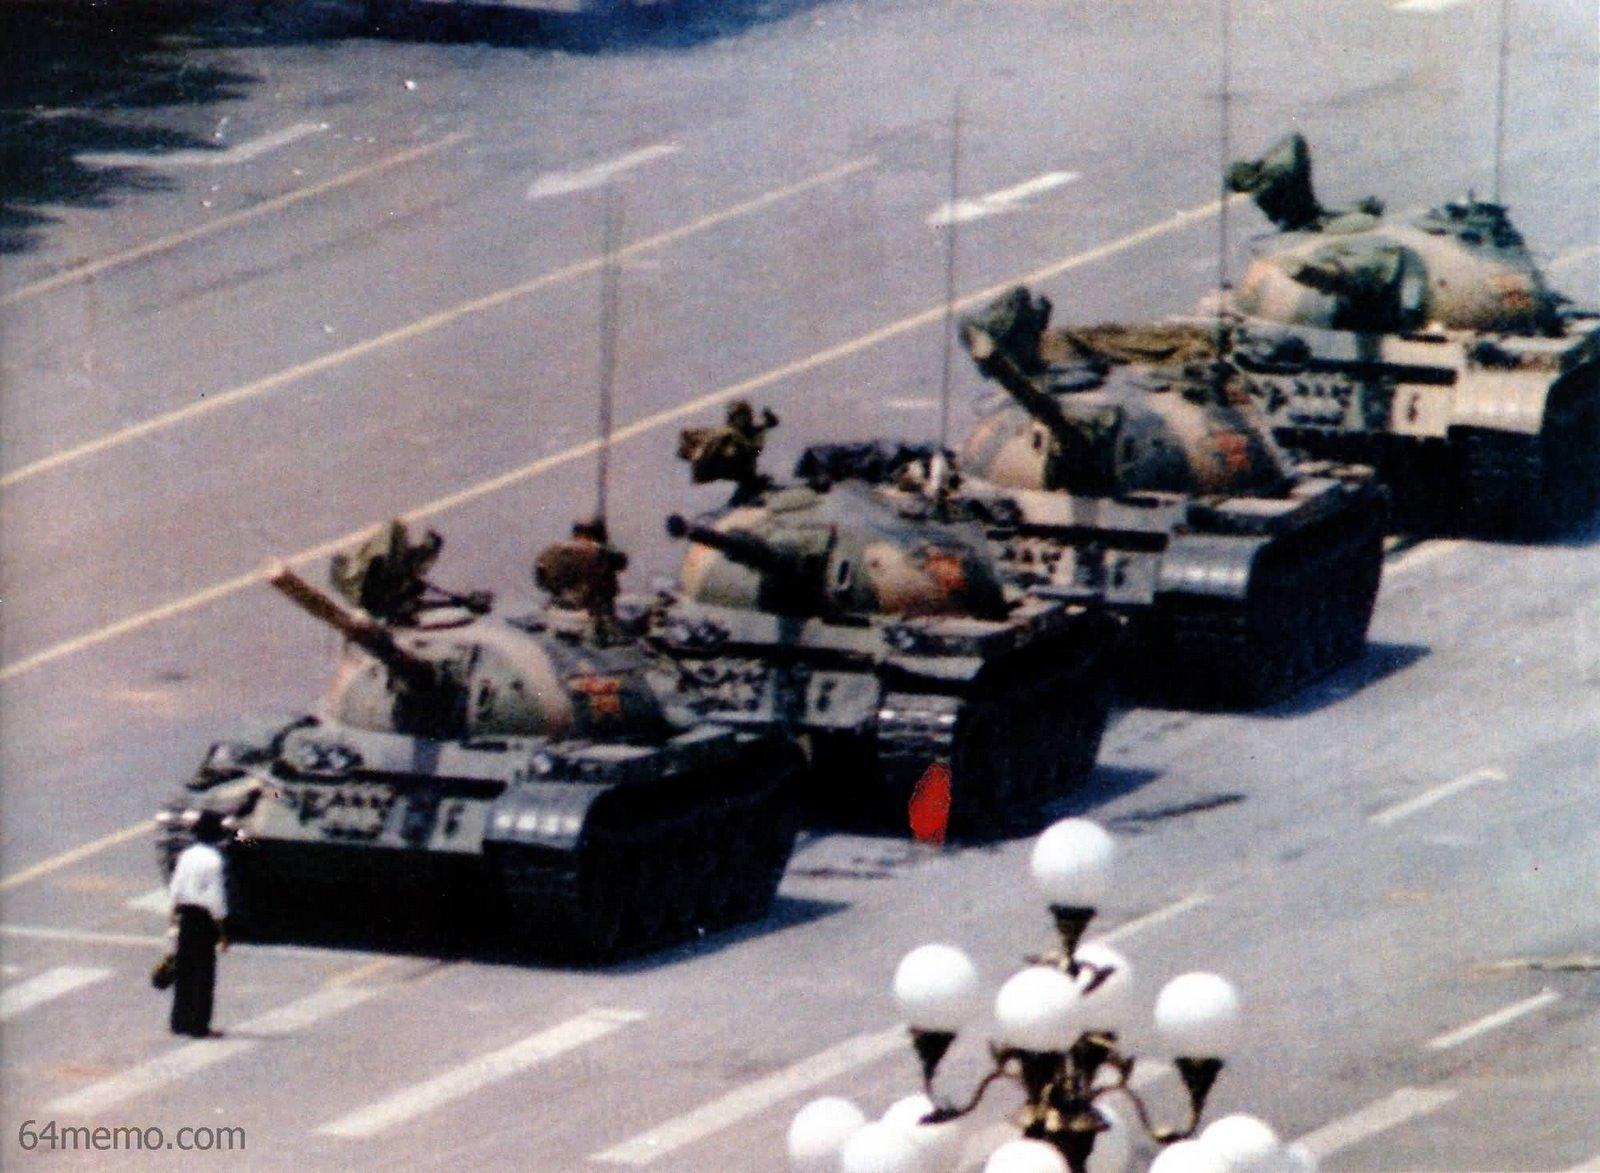 tiananmen square tank 50+ fotos que han cambiado al mundo